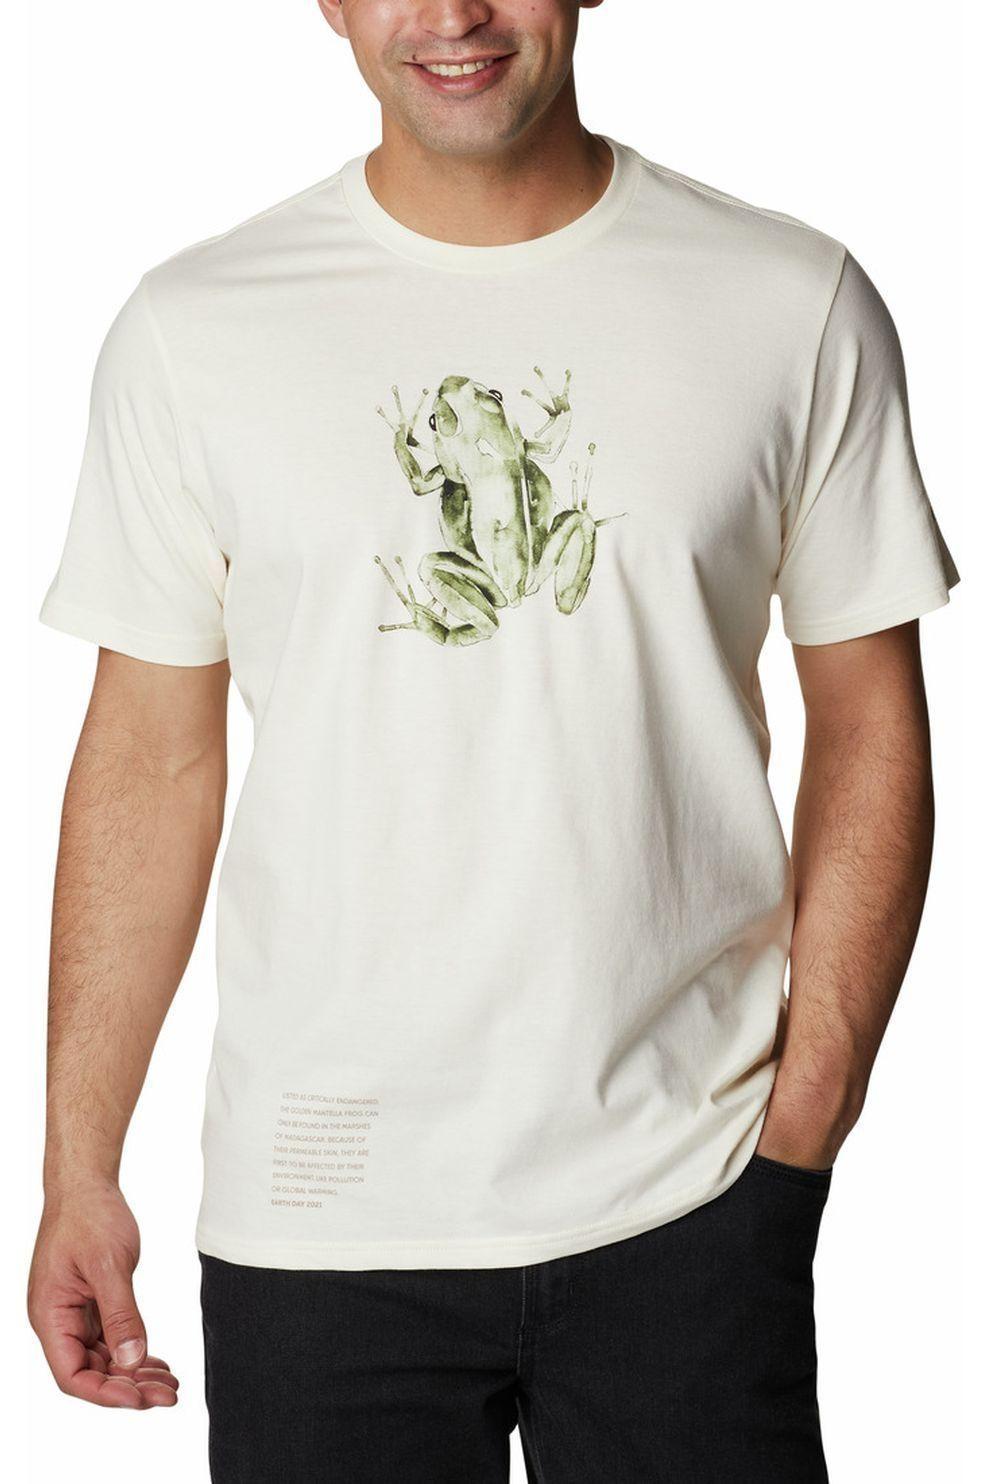 Columbia T-Shirt Clarkwall Organic voor heren - Wit - Maten: M, L, XL, XXL